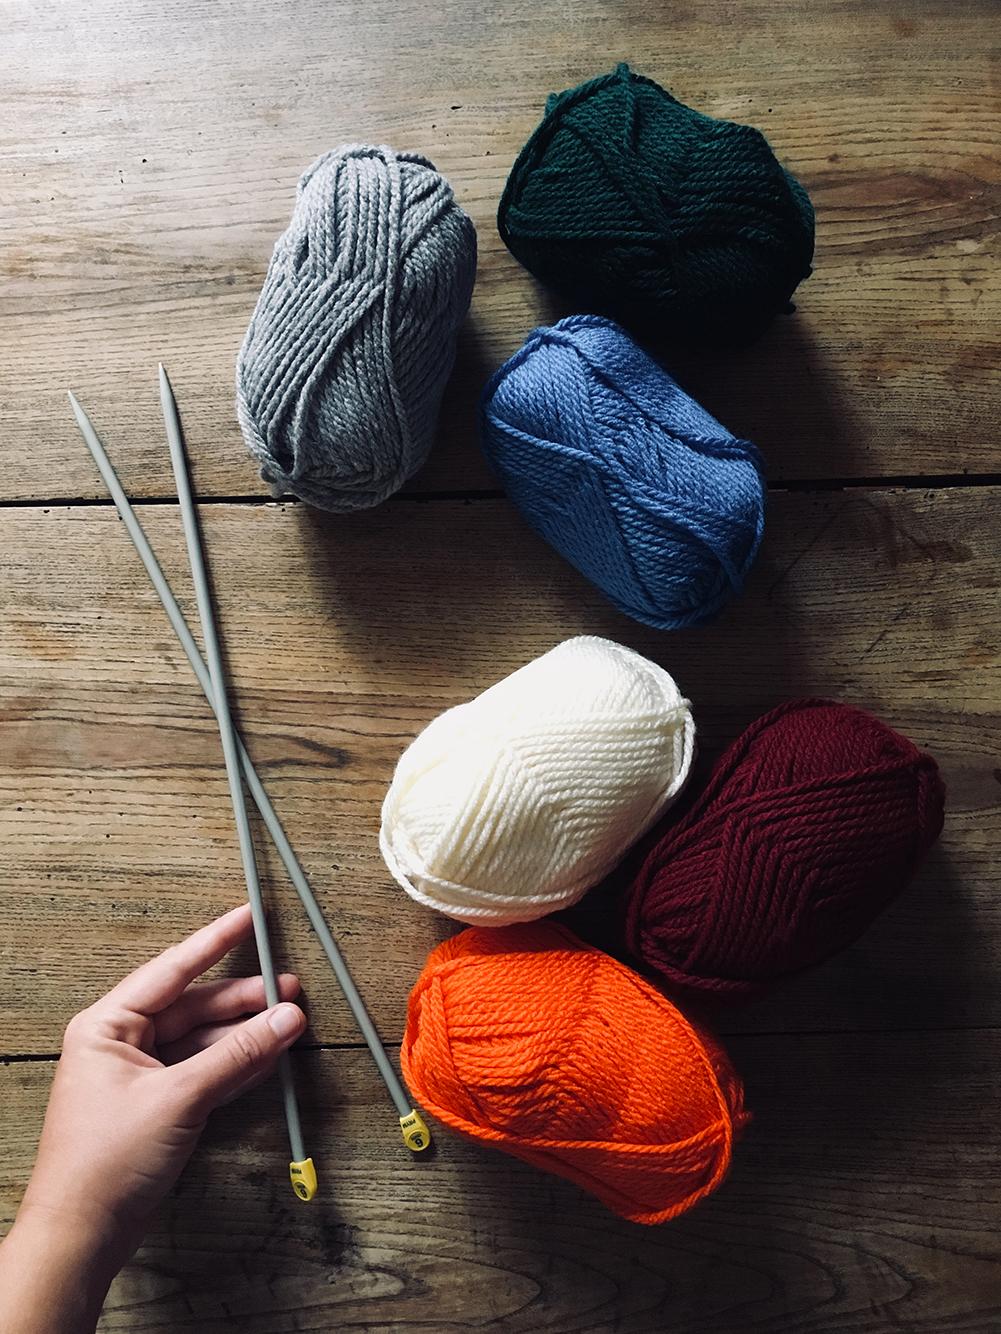 wool_done_knitting_prym_11.jpg